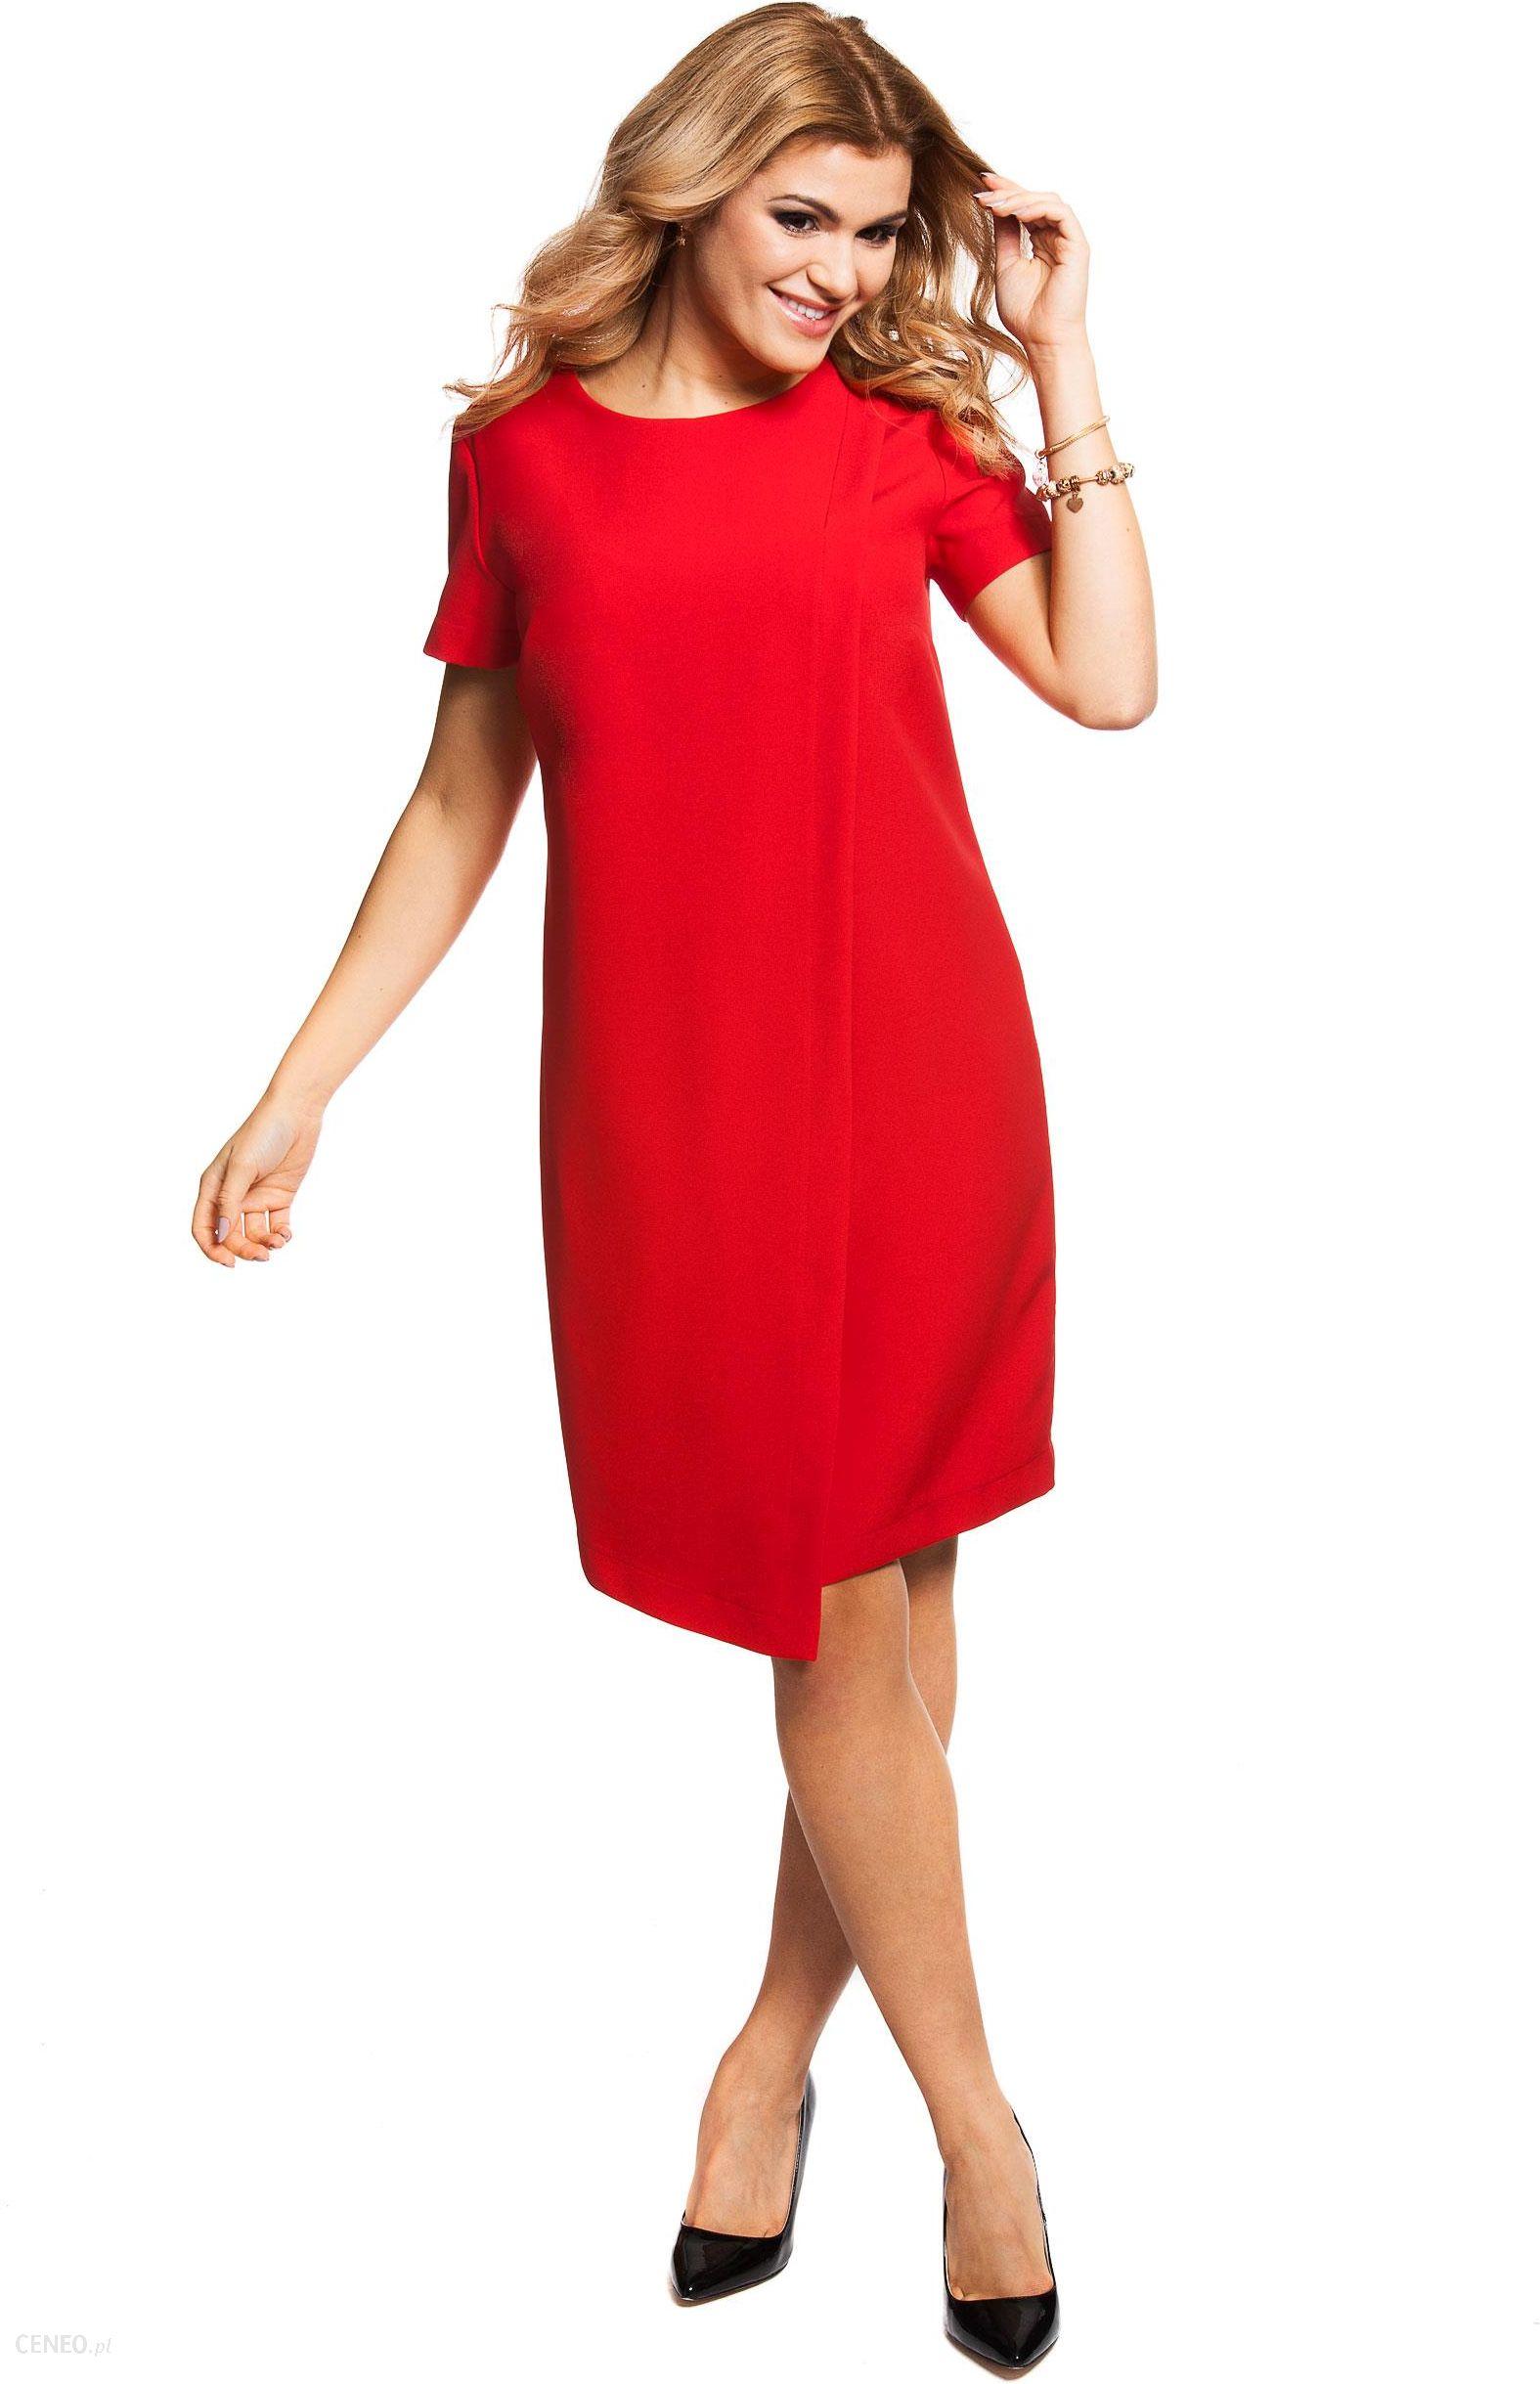 3324015e56 Wieczorowa sukienka ECHO LUNANA czerwona r XXL - Ceny i opinie ...